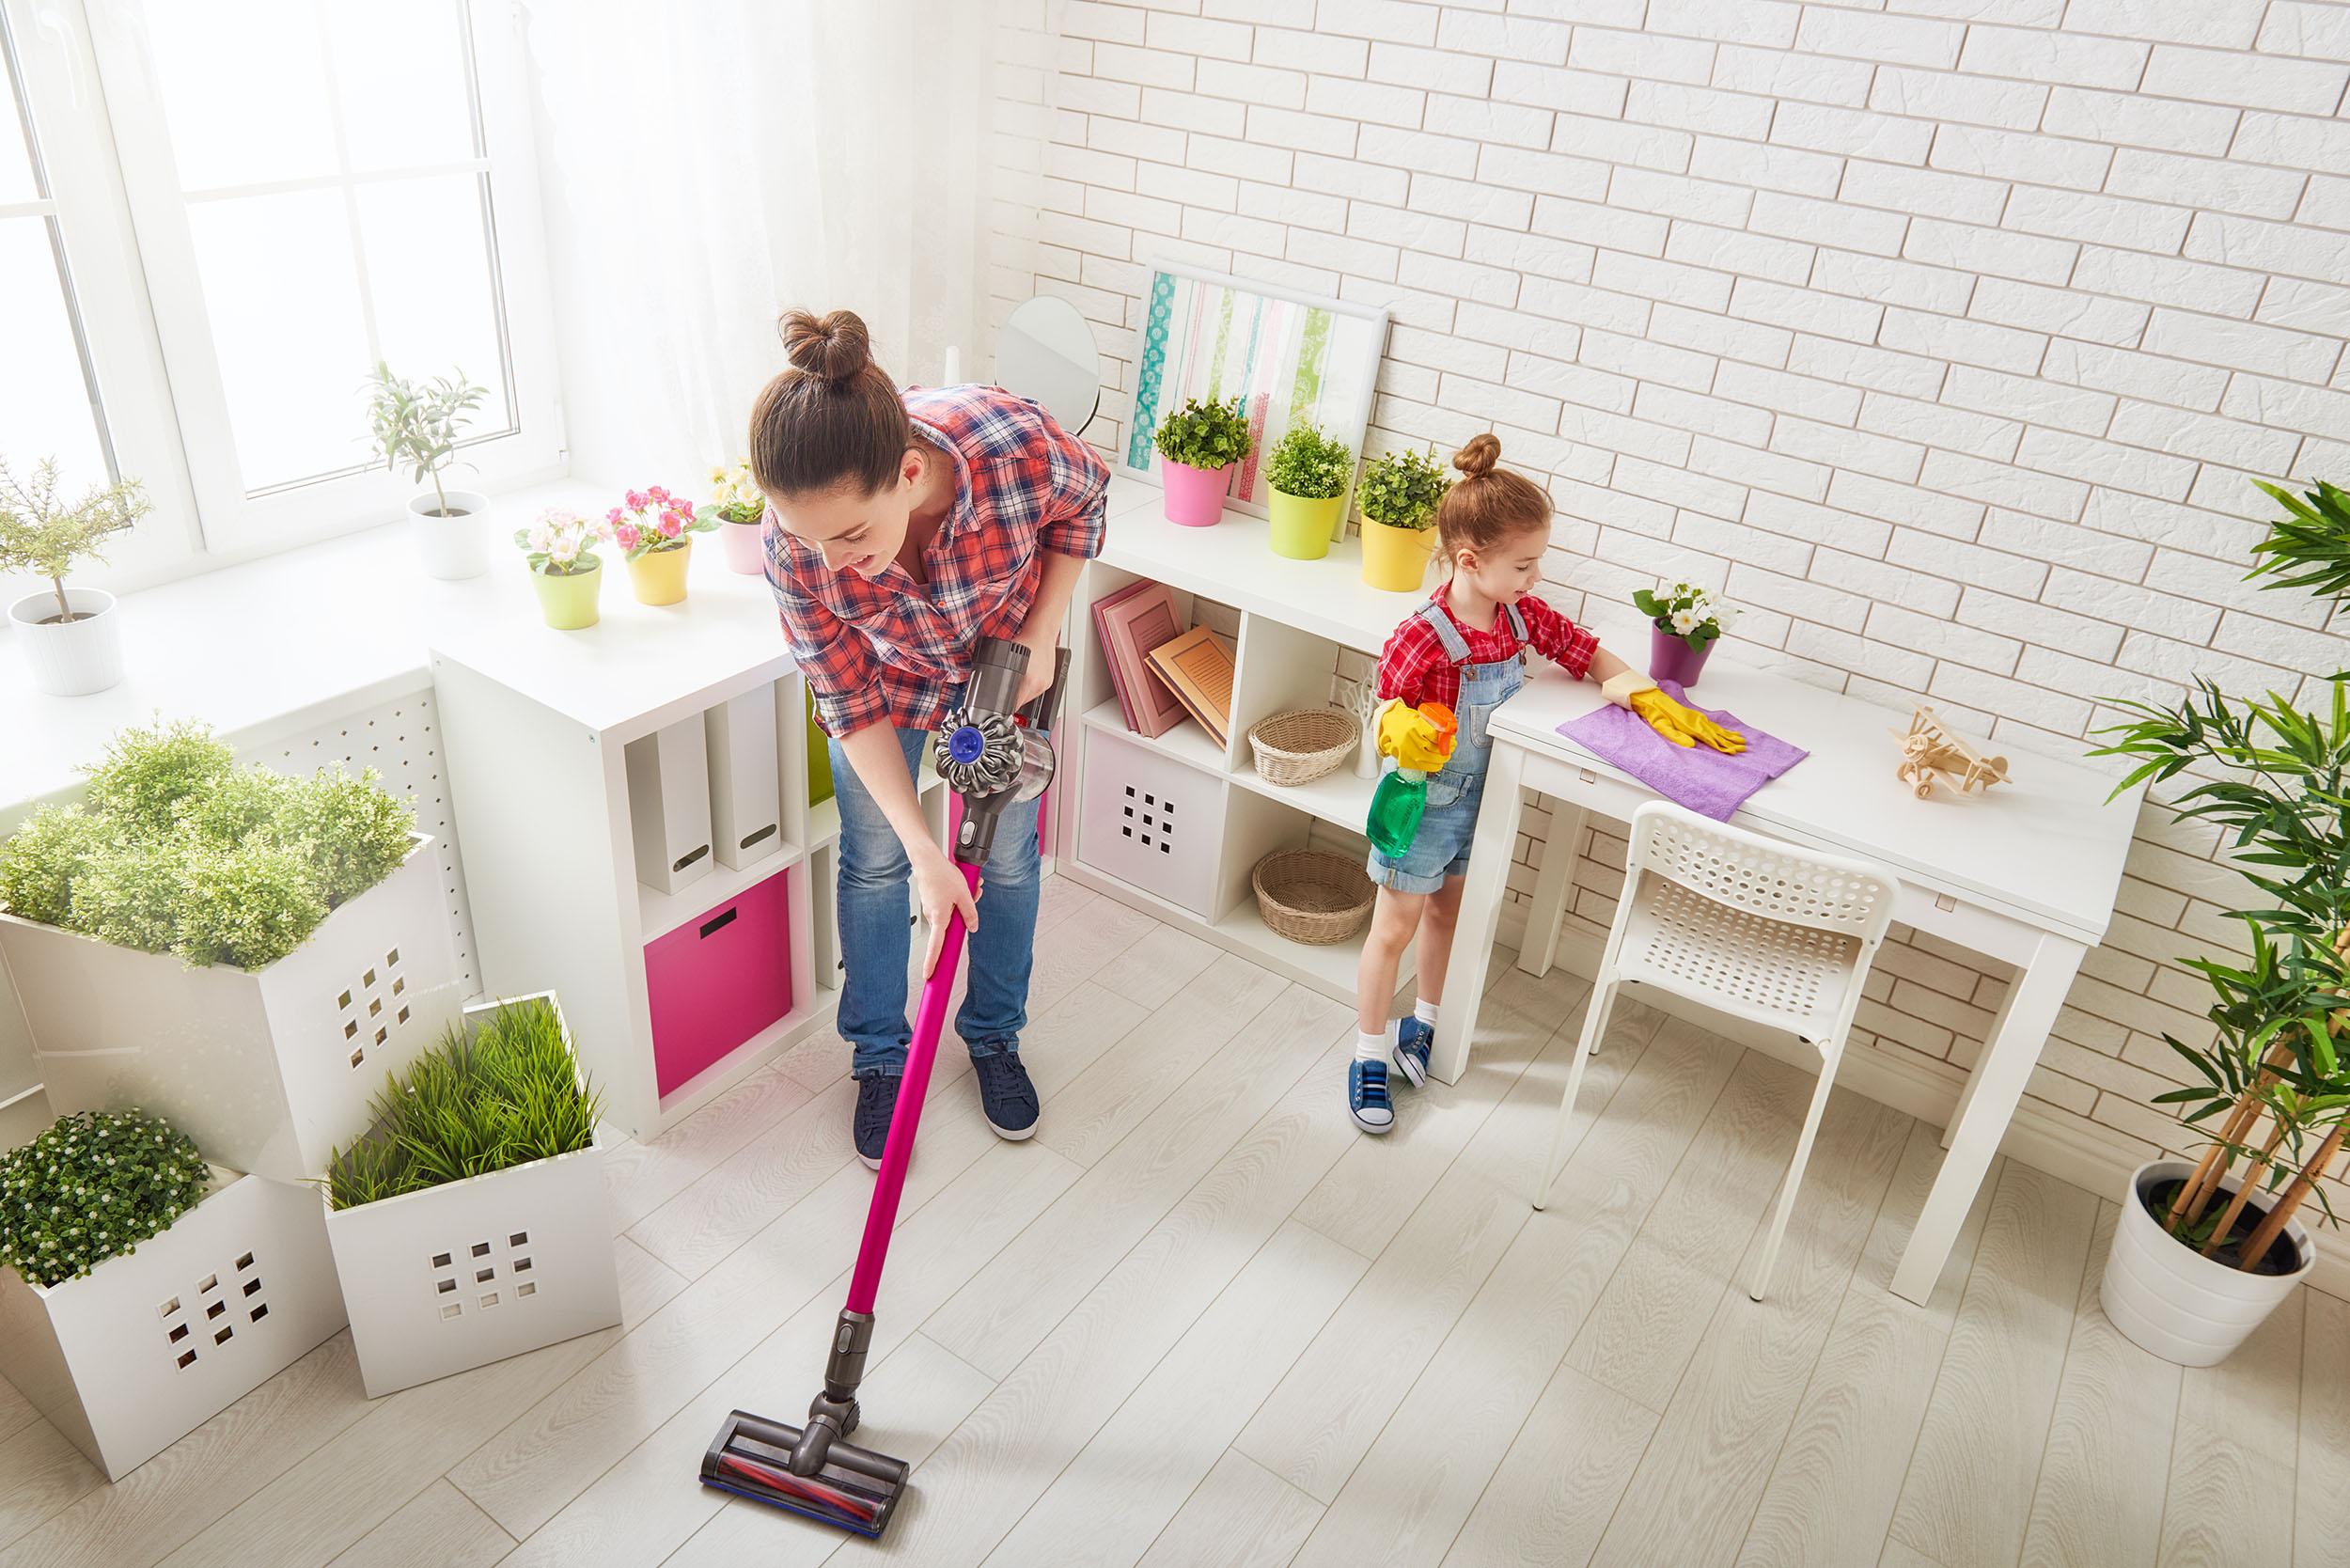 domiblue marseille les bonnes adresses tendances d co bons plans marseille entre nous magazine. Black Bedroom Furniture Sets. Home Design Ideas